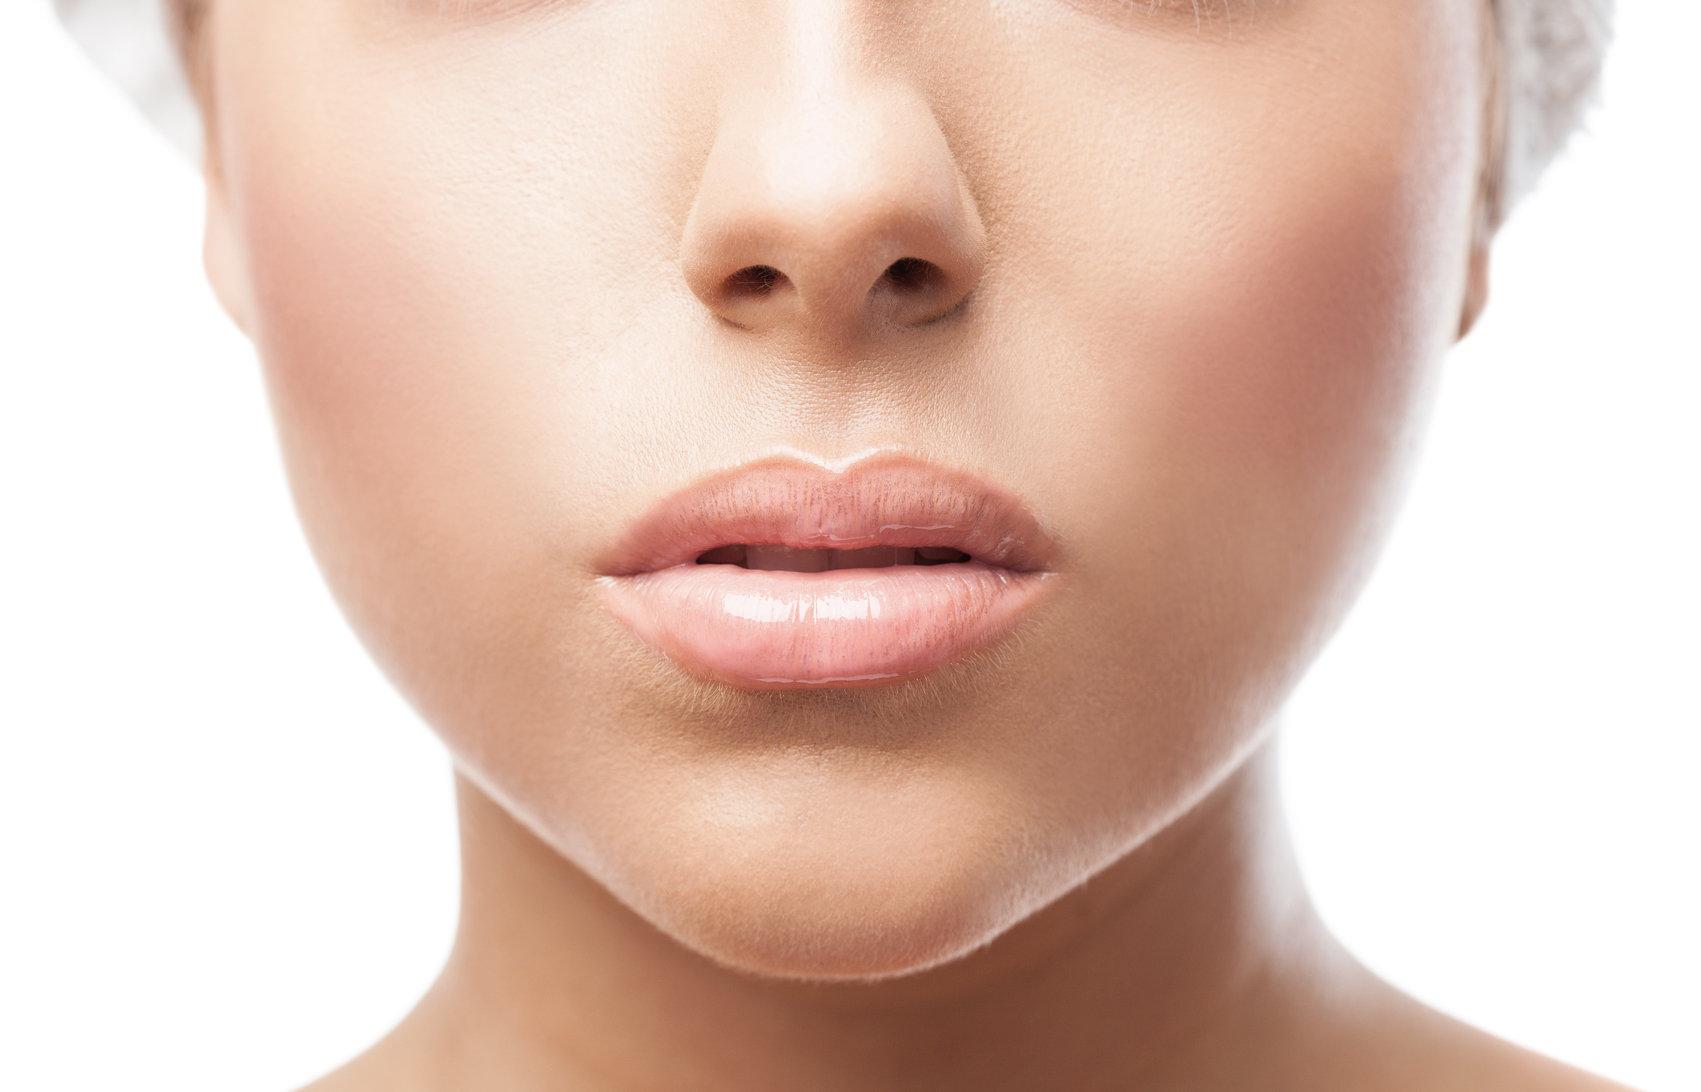 Volume e Contorno dos Lábios